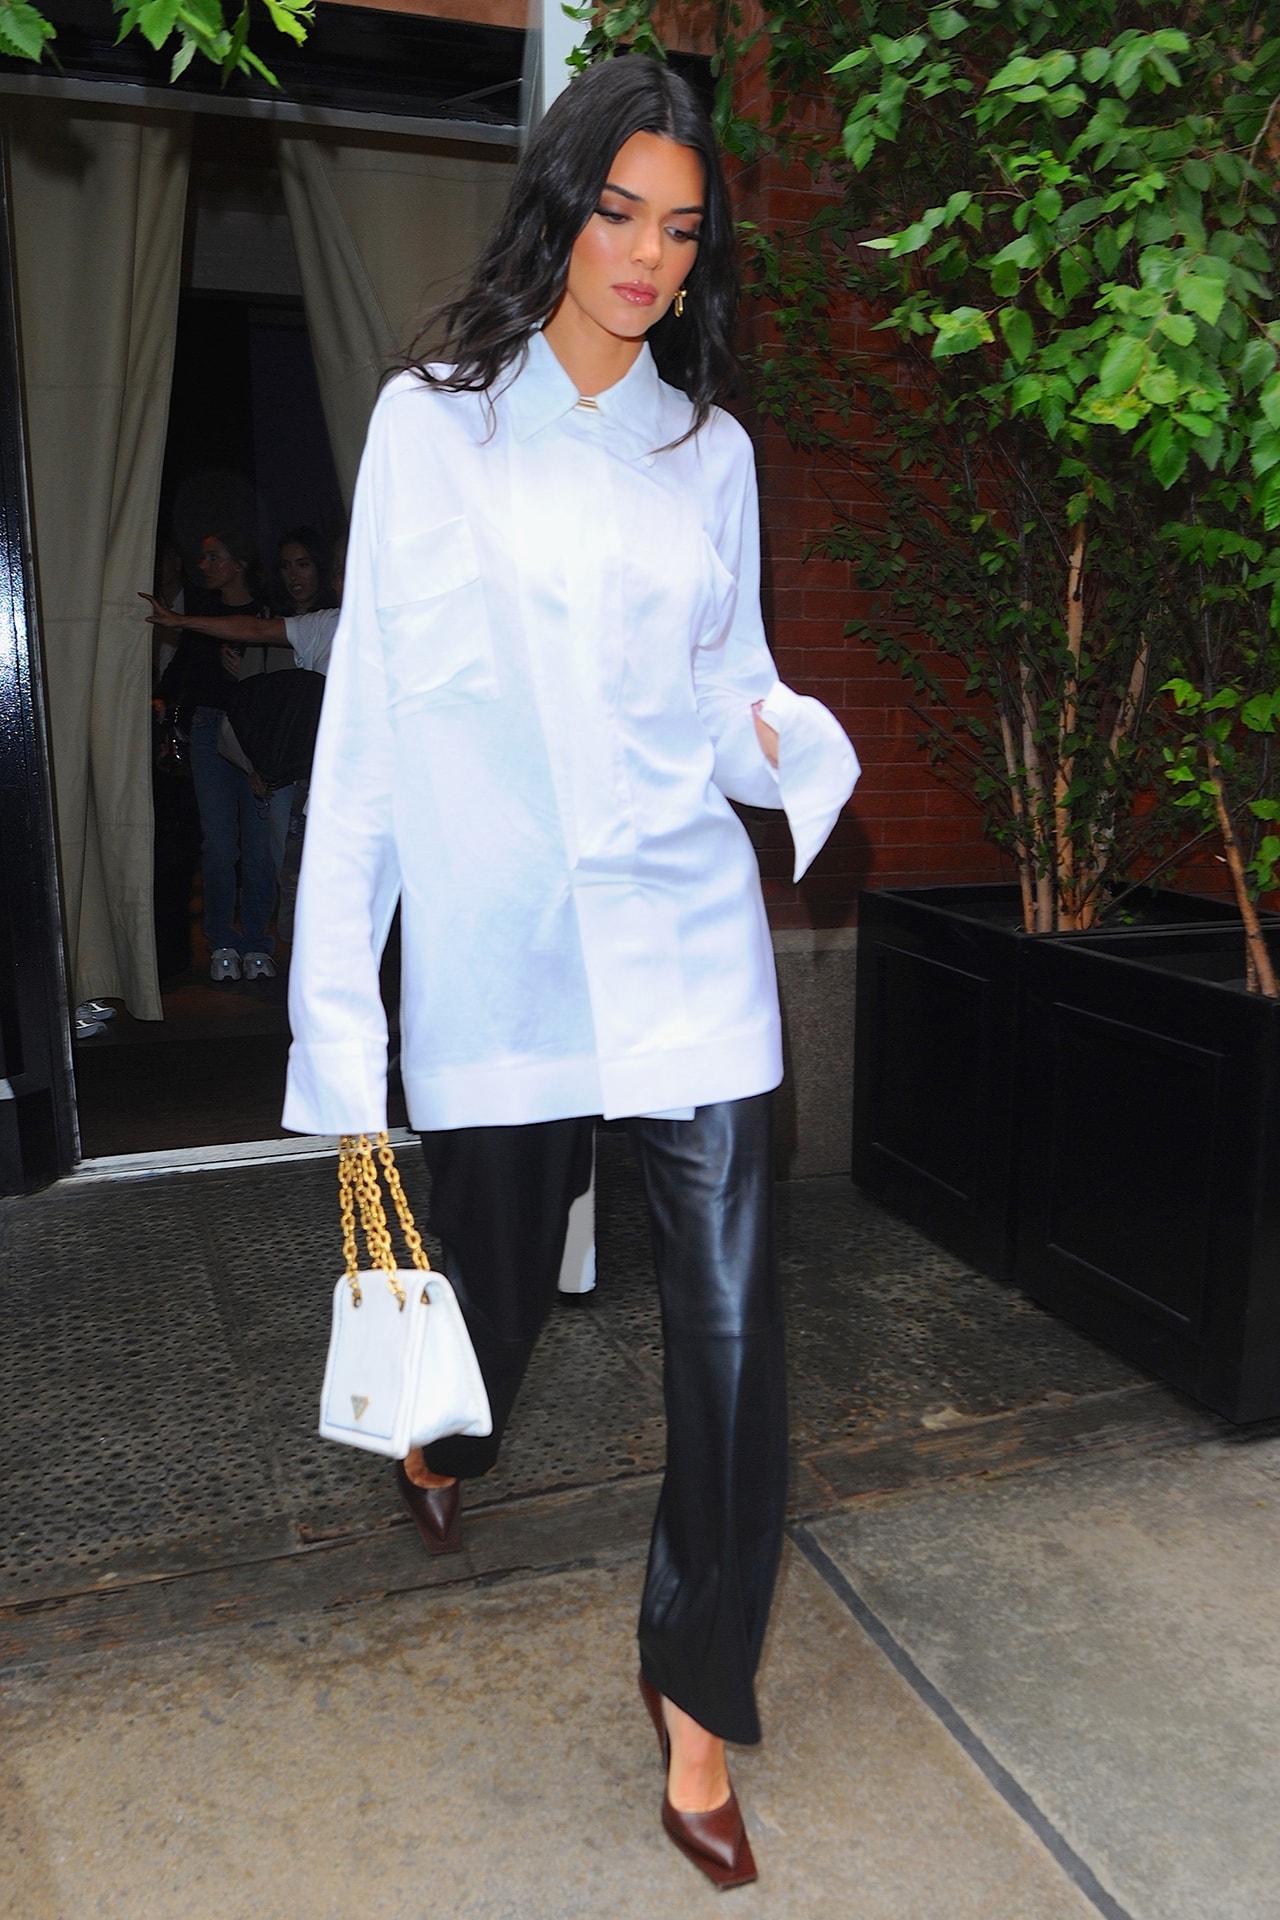 Kendall Jenner Street Style Black Dress Sunglasses Moon Shaped Bag Model Supermodel